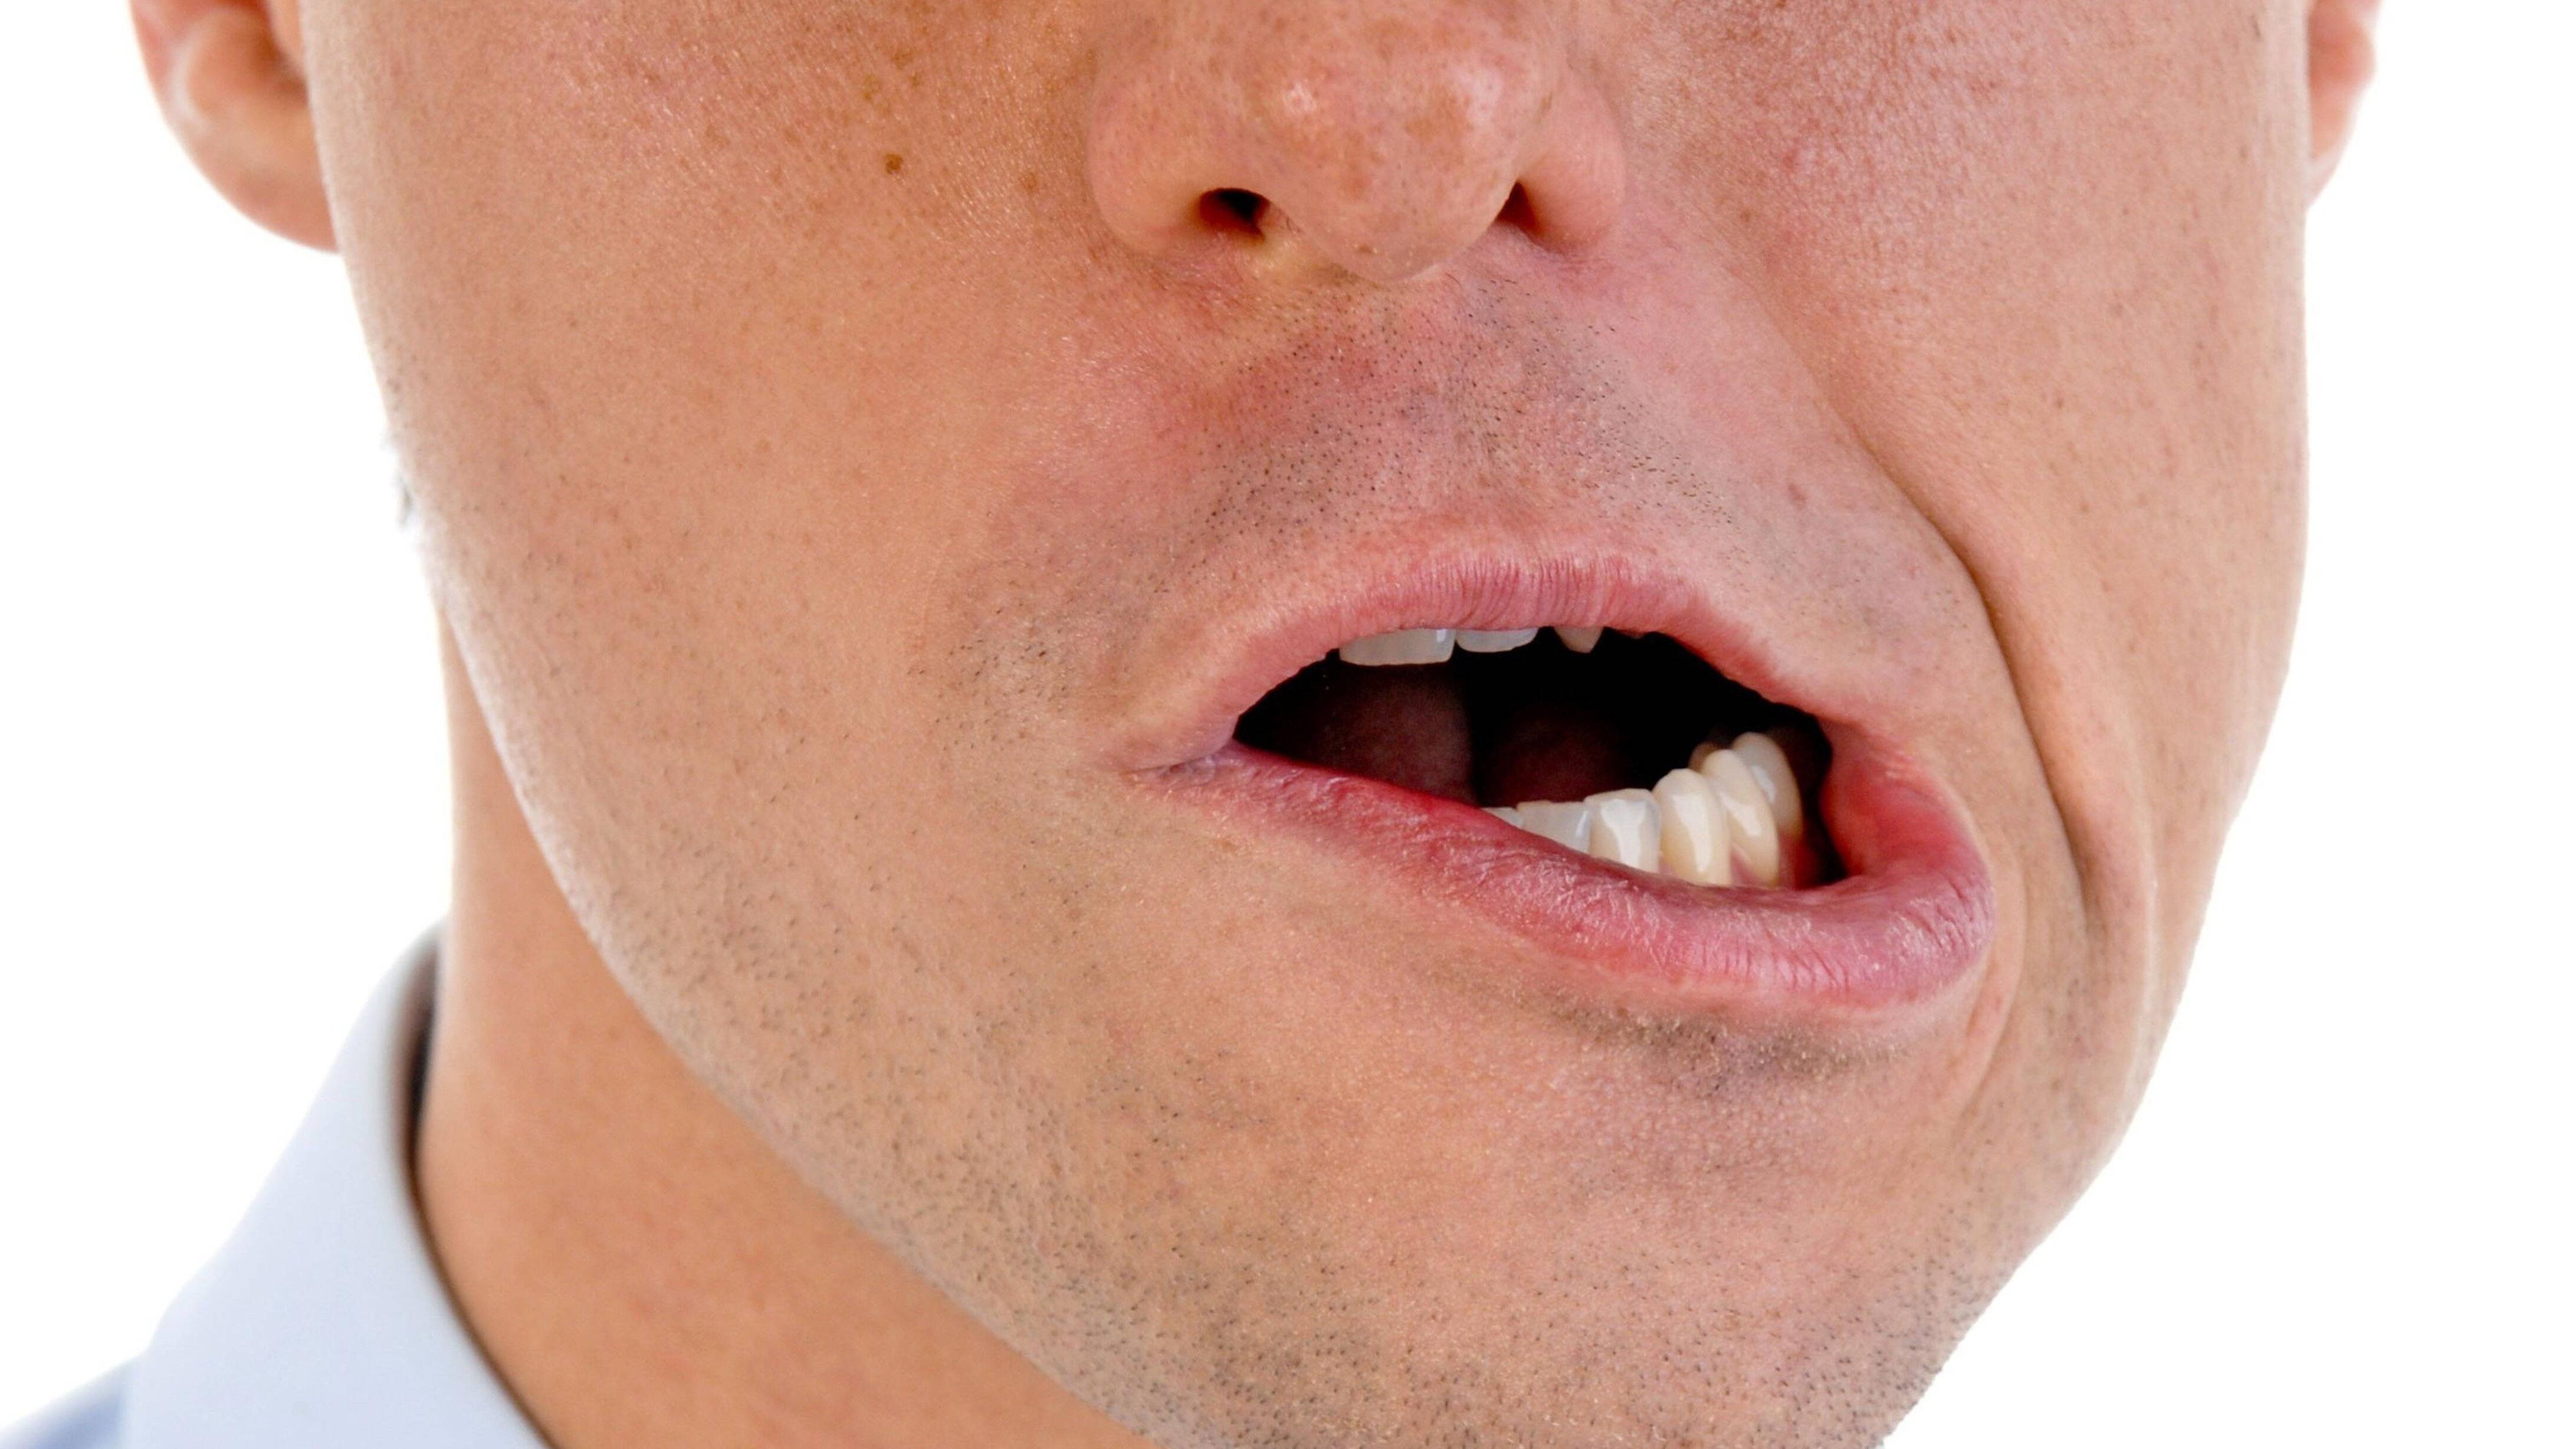 Entzündete Mundwinkel: Ursachen und was Sie dagegen tun können